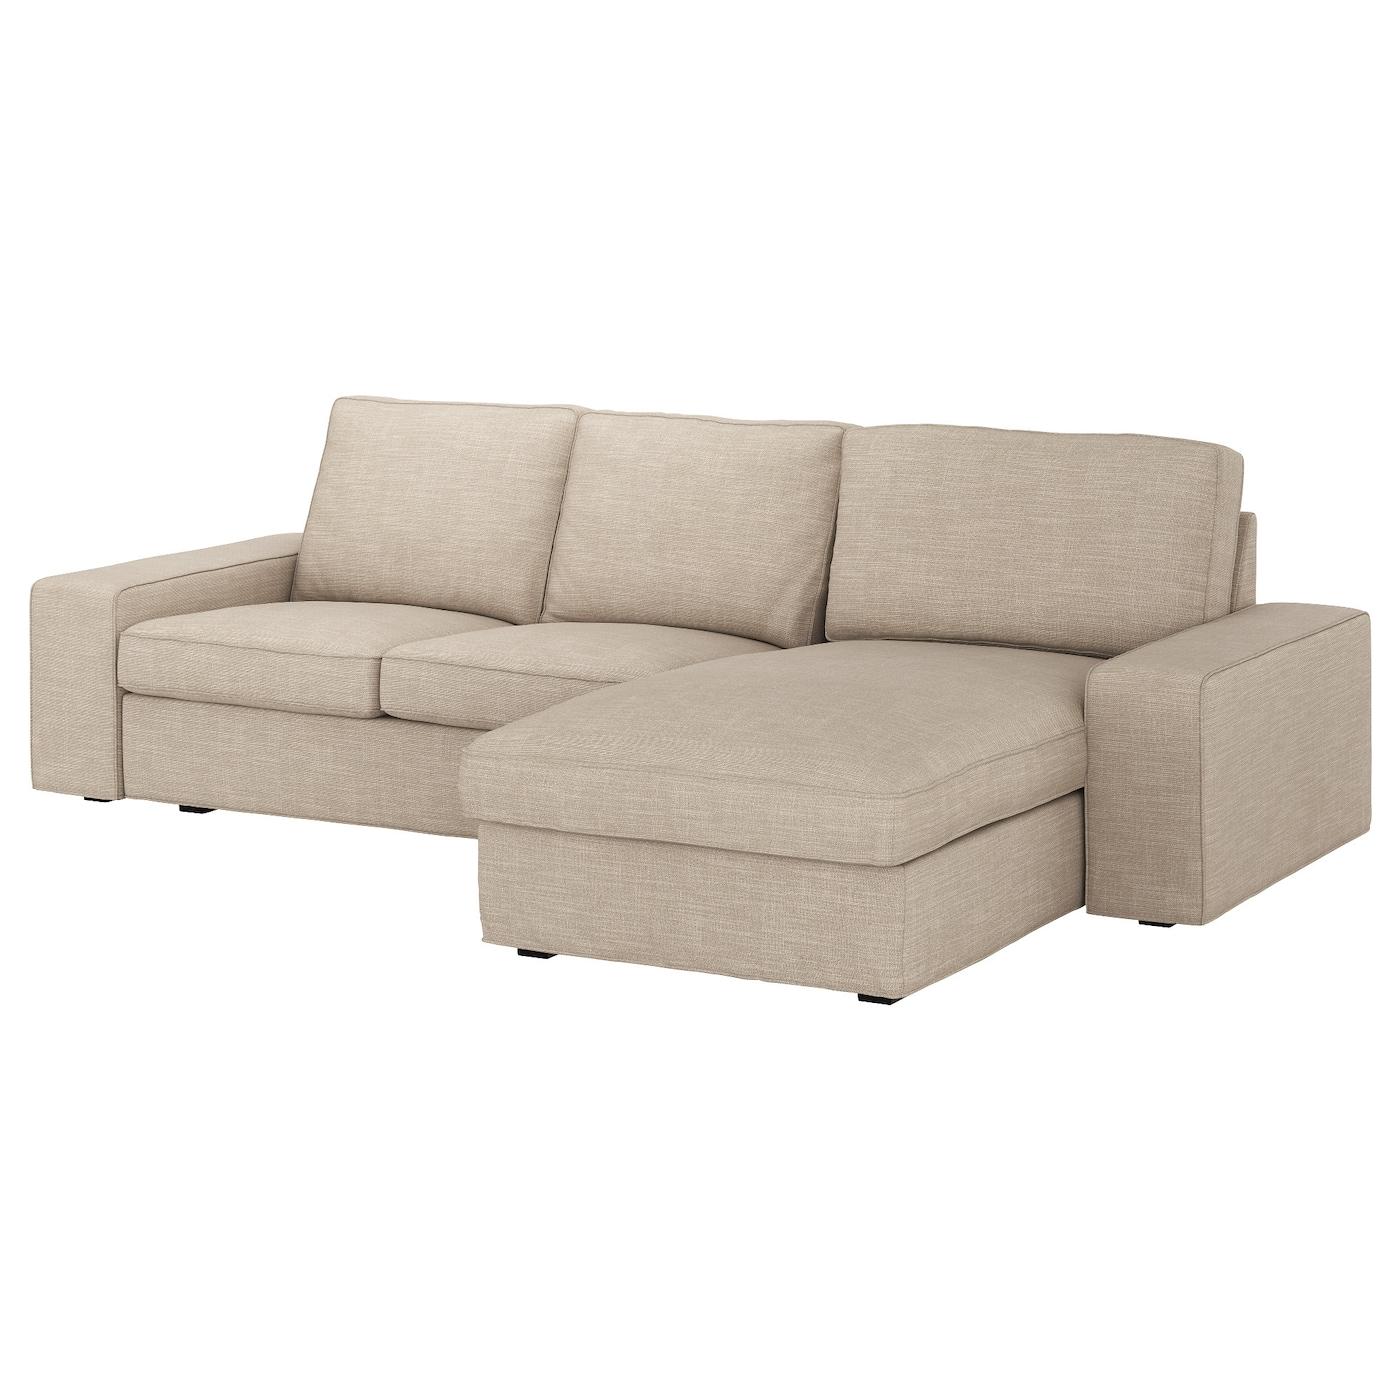 Small Sofa & 2 Seater Sofa